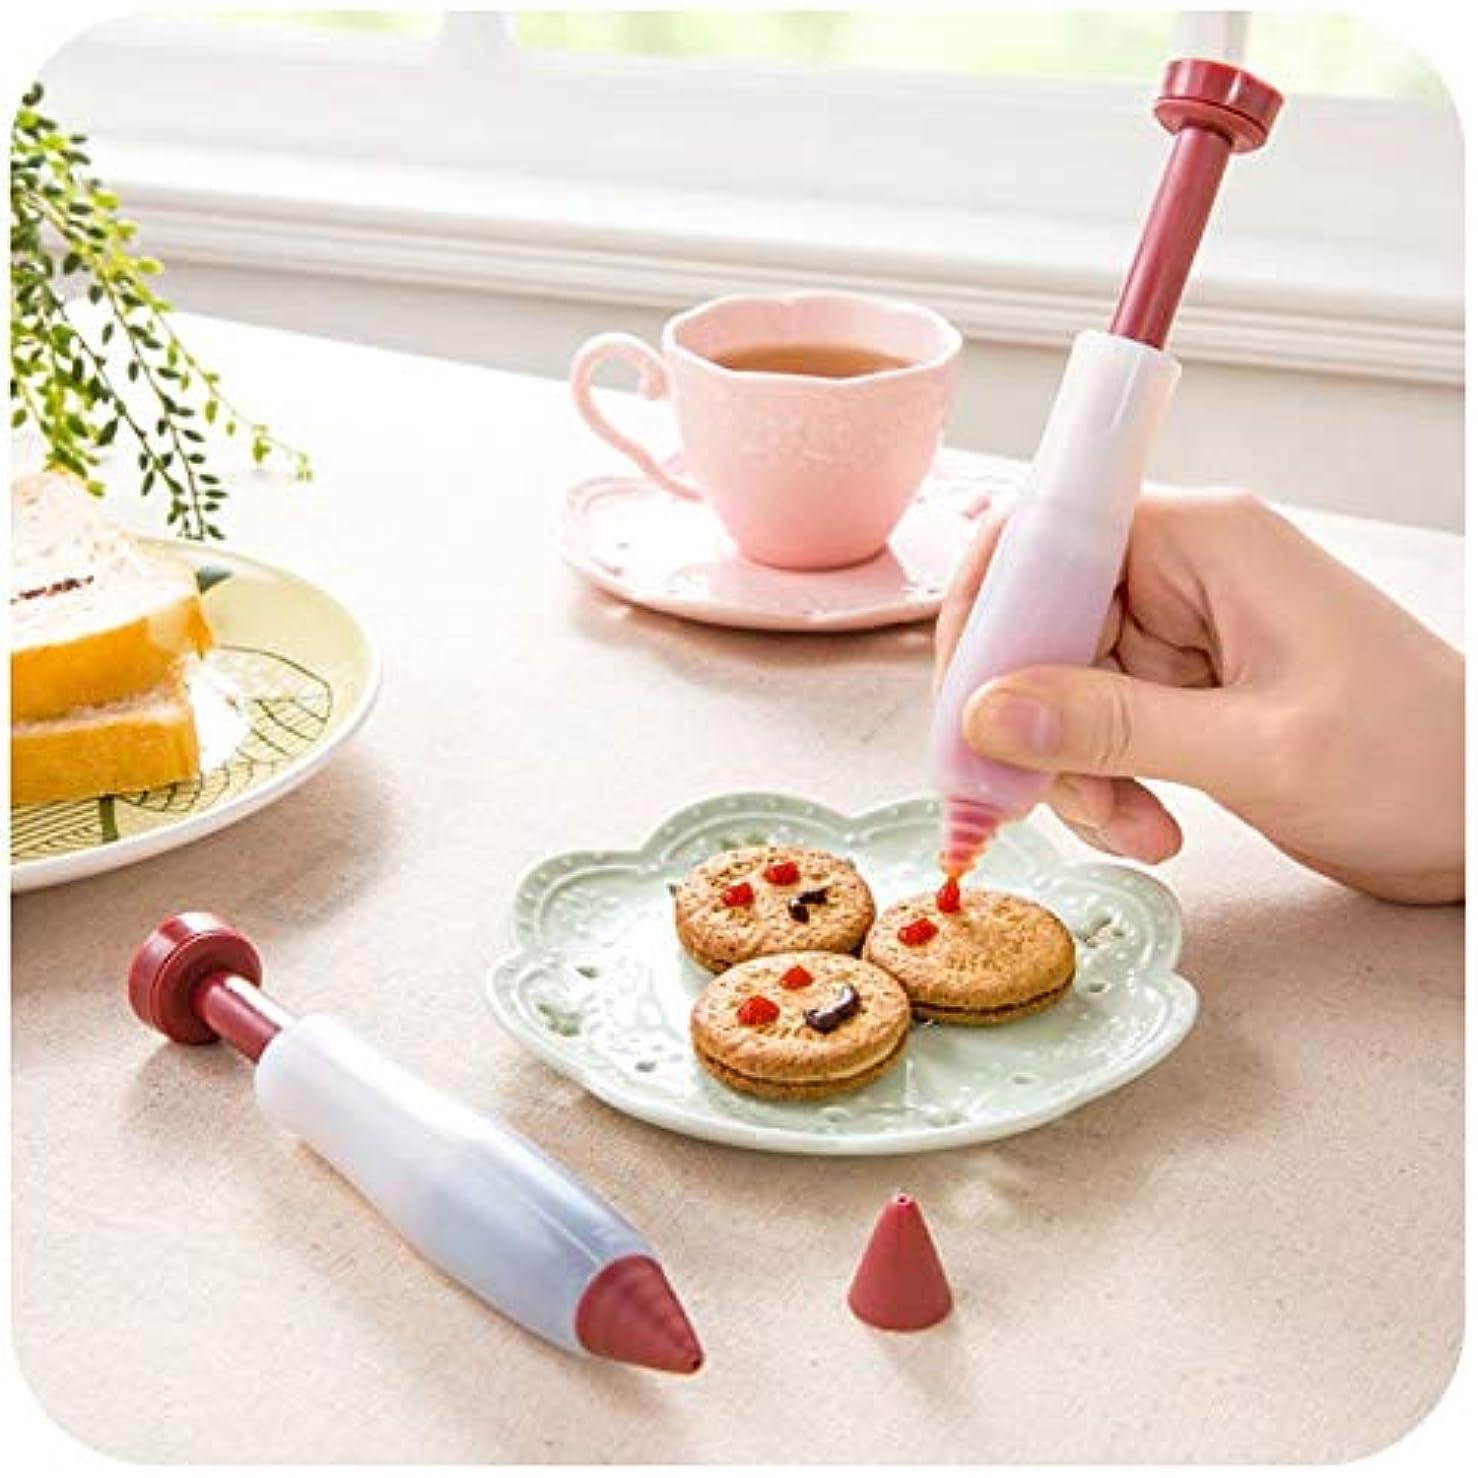 順番西包帯新しいシリコーンマカロンクッキーペストリーオーブンベーキングモールド+デザートデコレーションチップクリームスクイーズノズルDIYモールドベーキングマットセット:スタイル1